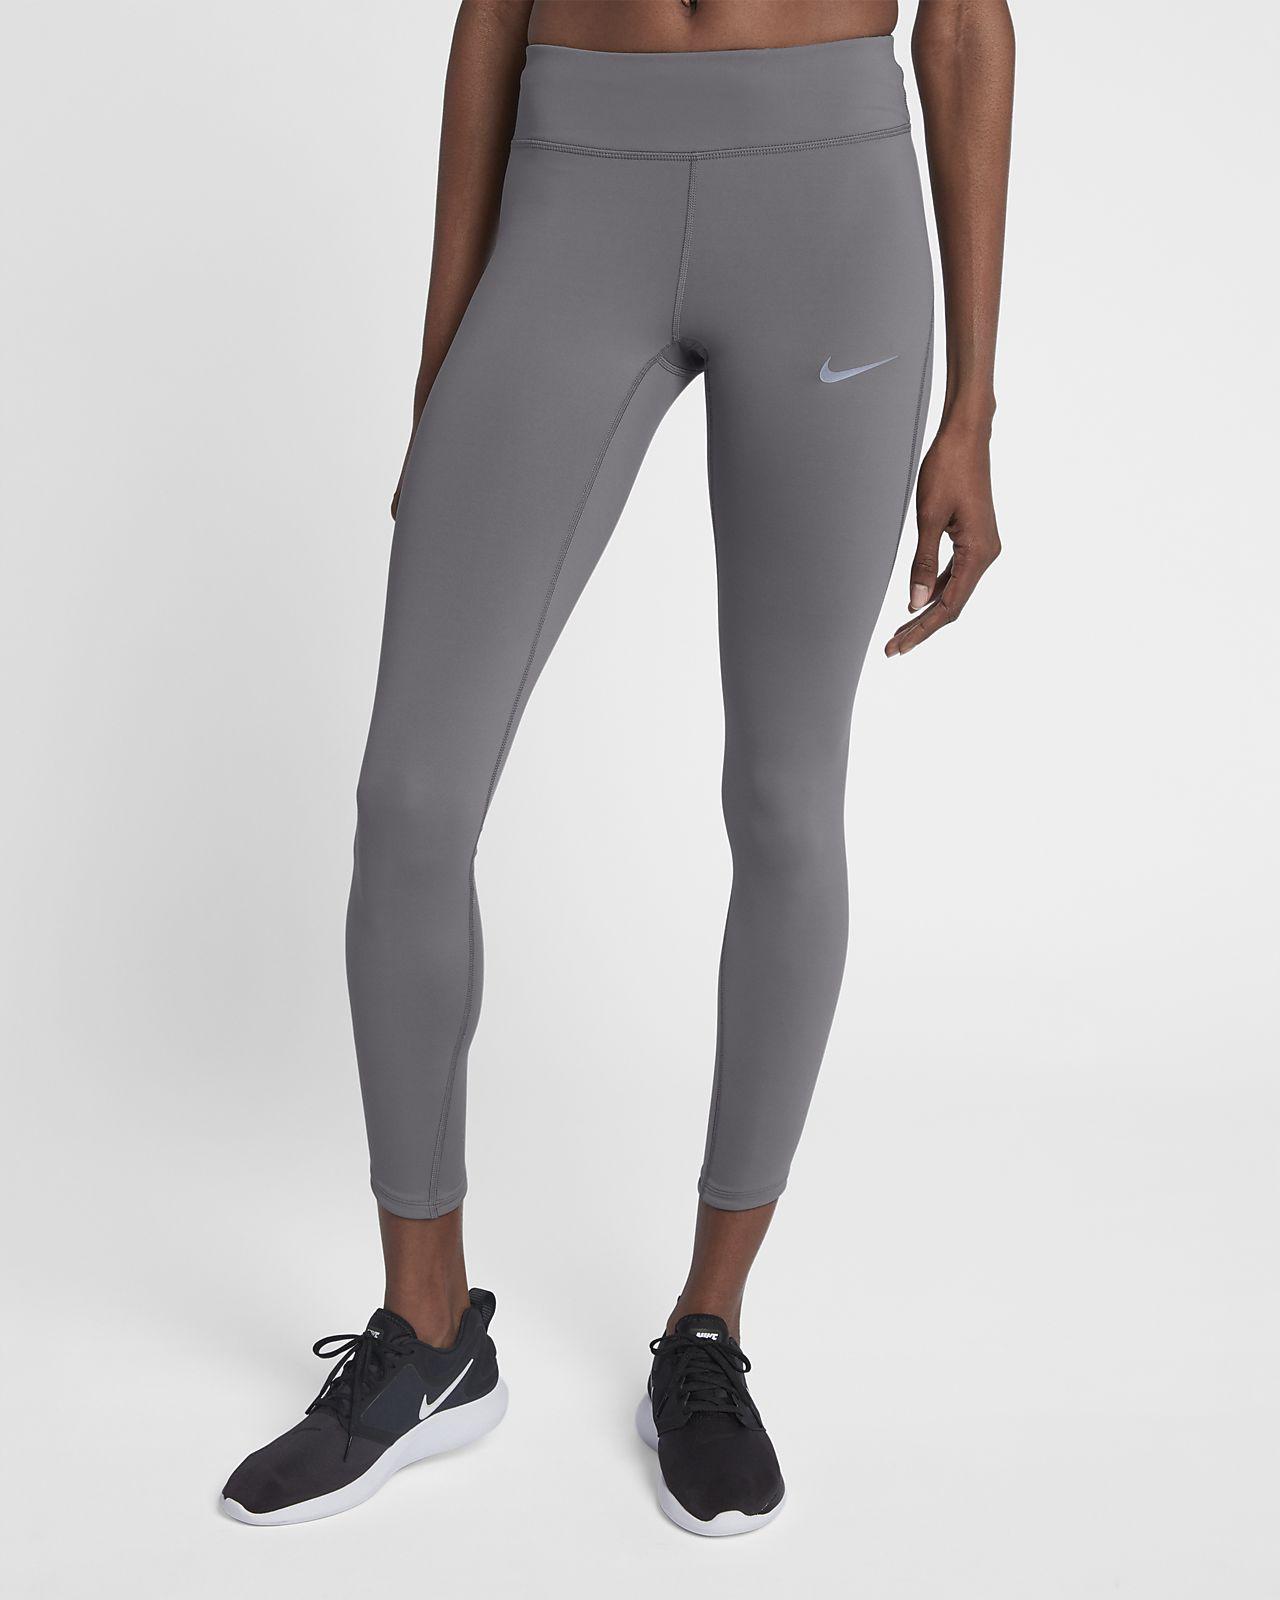 Nike Epic Lux Lauf-Tights mit halbhohem Bund für Damen